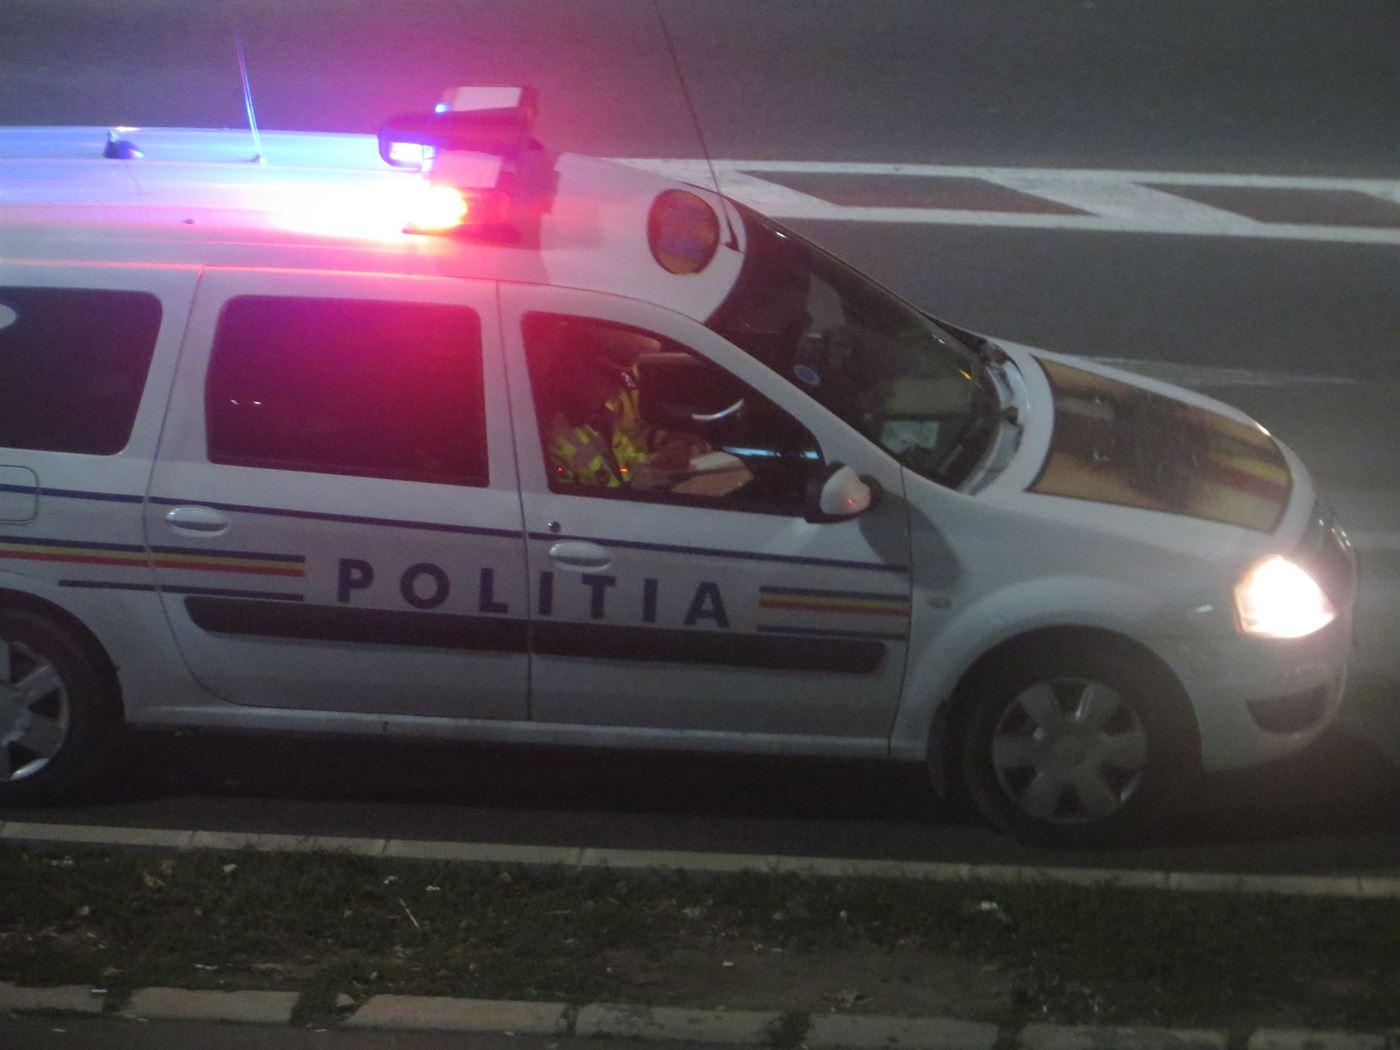 Cu permisul anulat s-a urcat la volan cu o alcoolemie de 0,94 mg/l